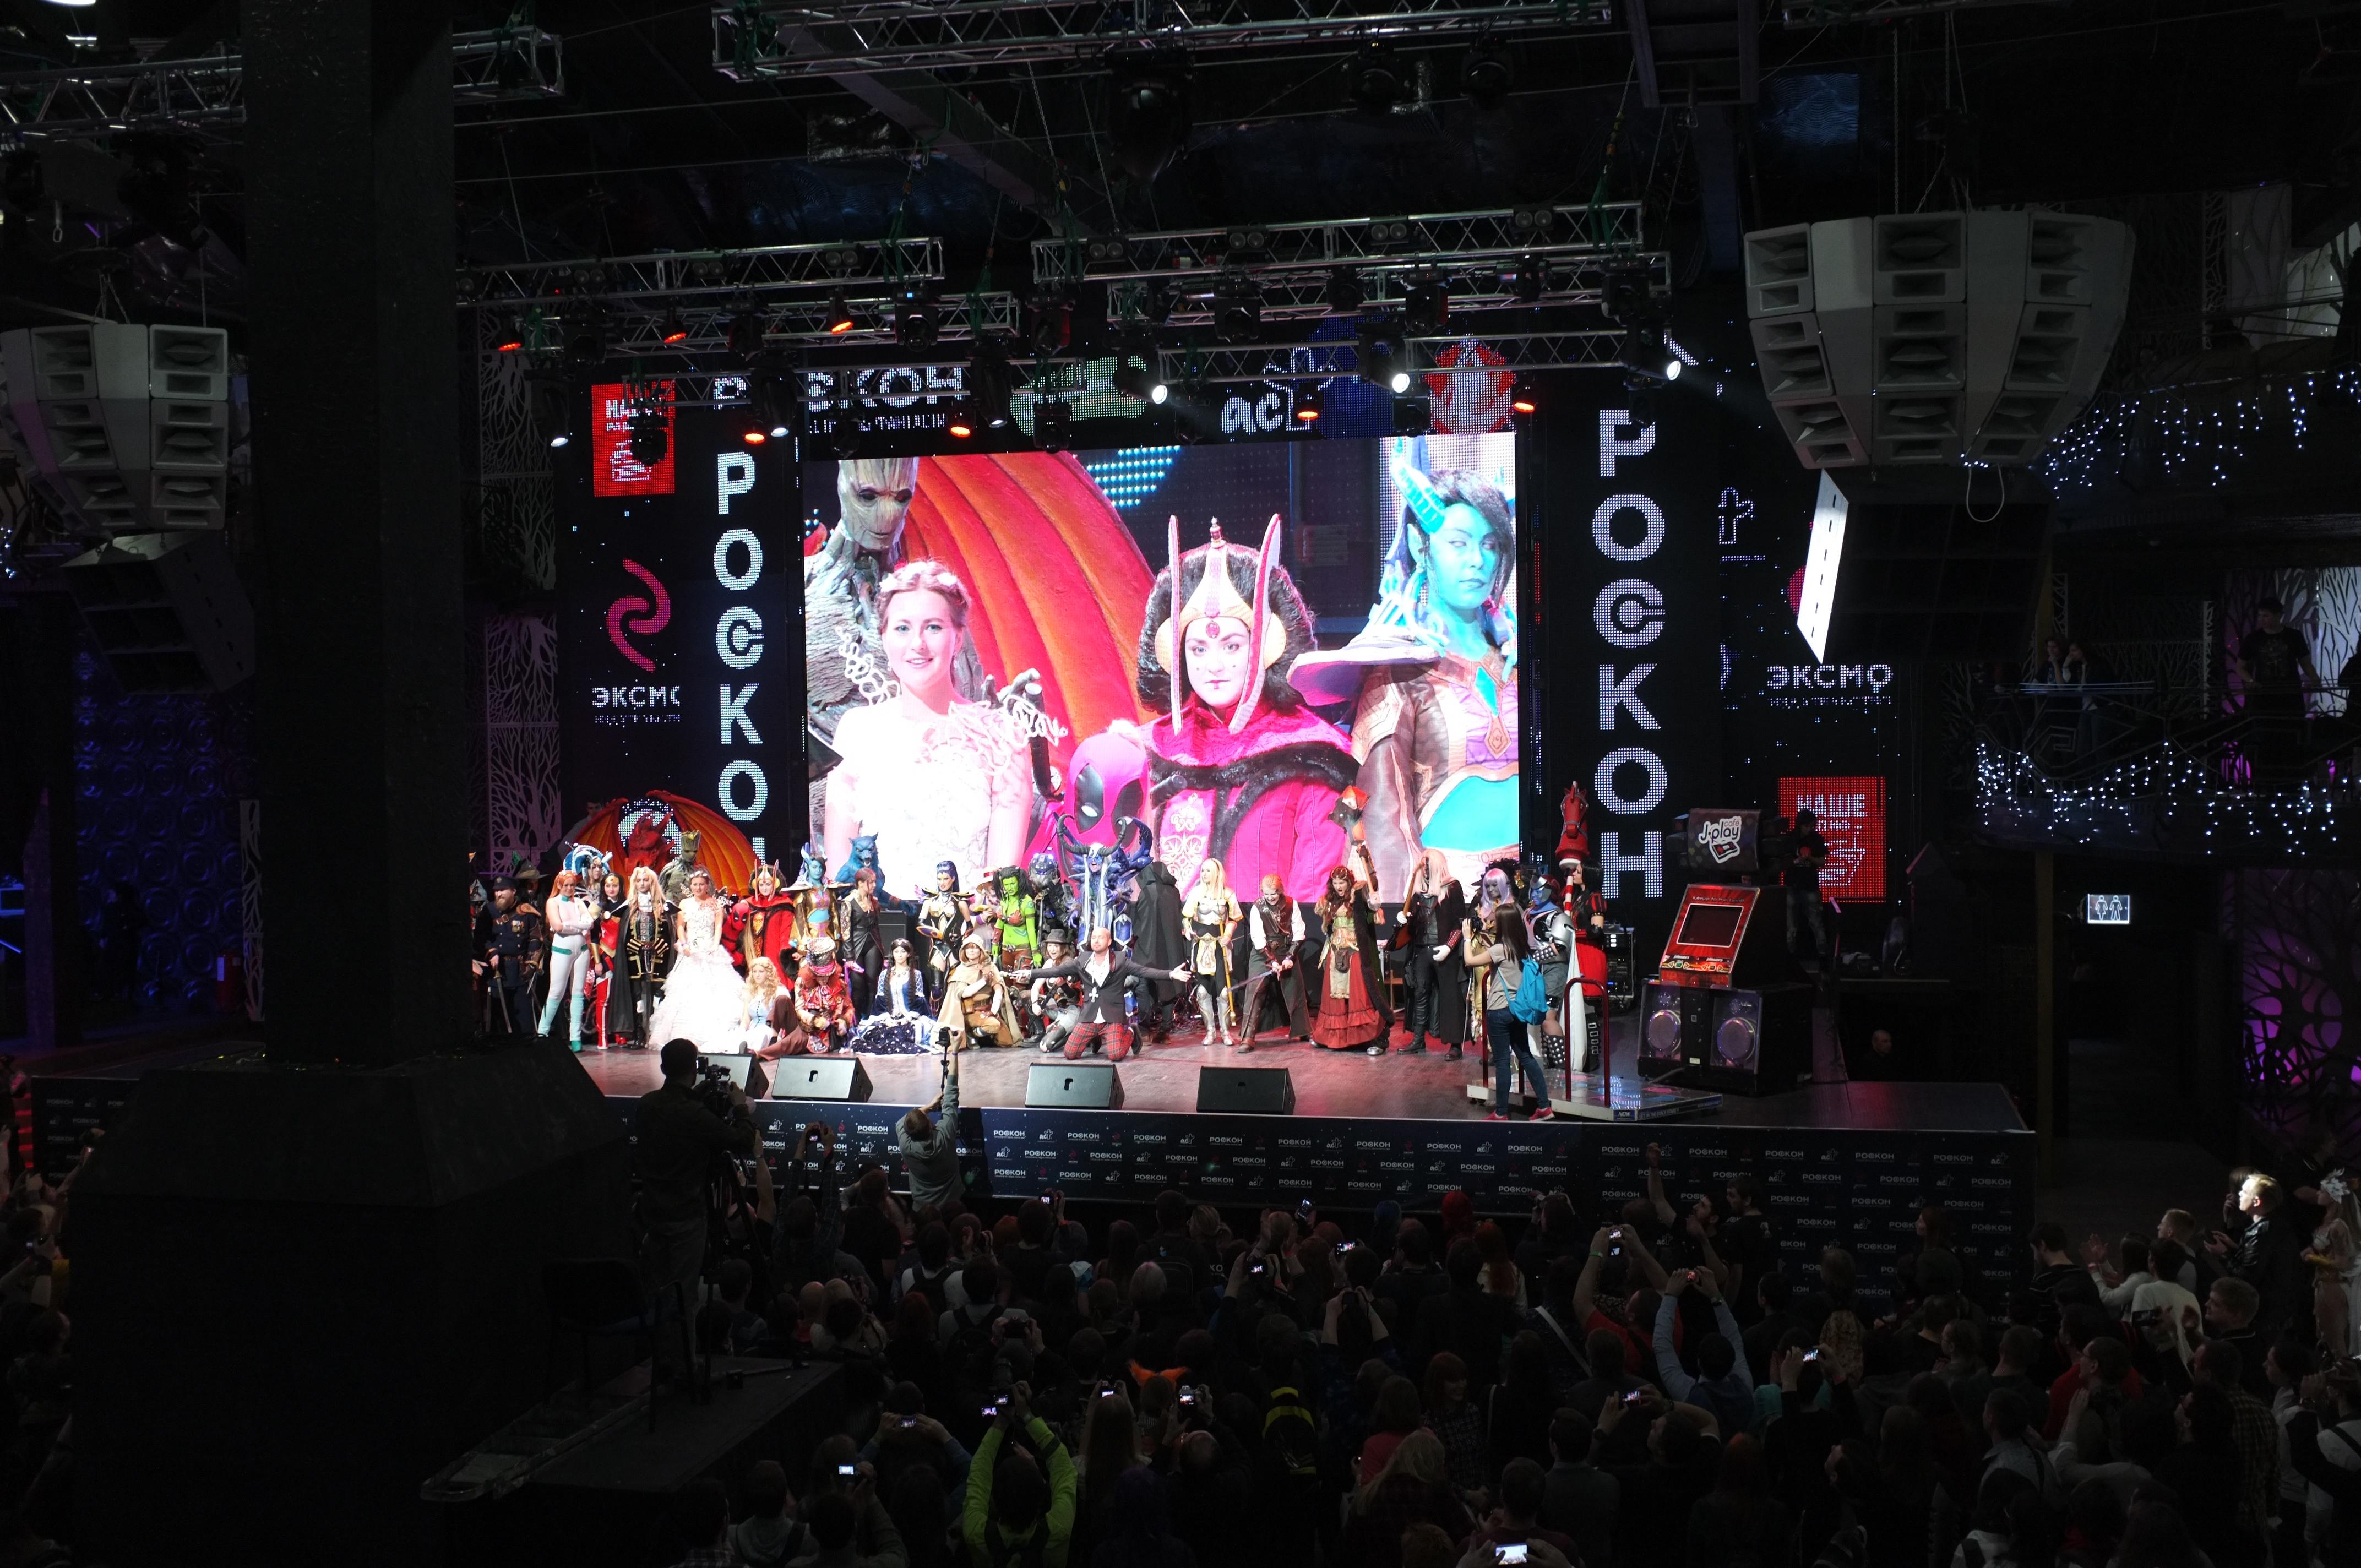 Городской фестиваль фантастики Роскон 2016. Впечатления